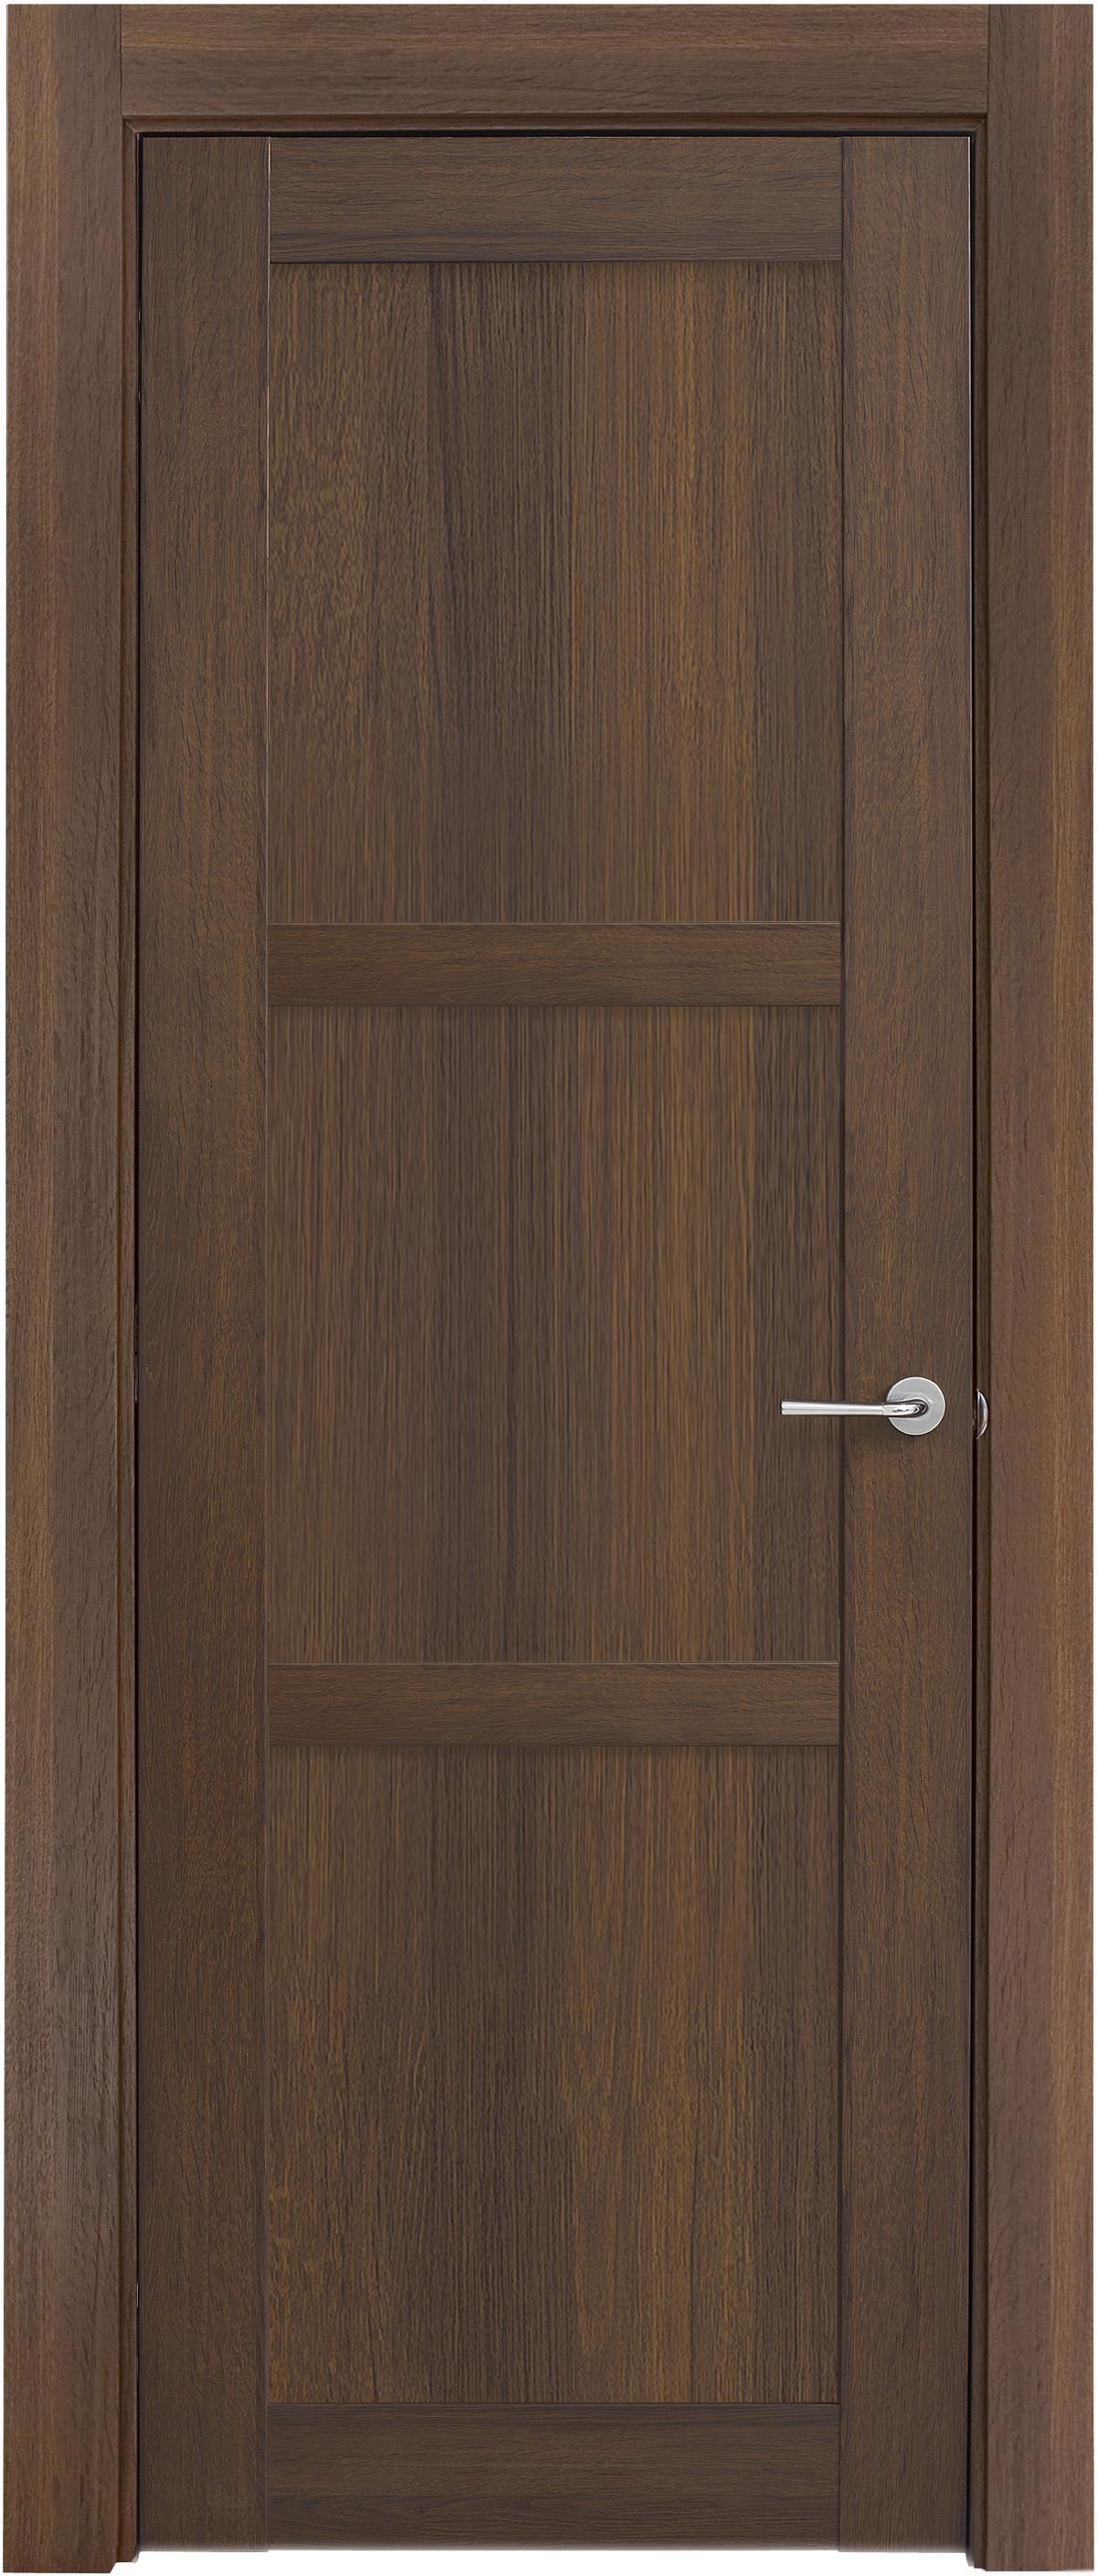 Межкомнатная / входная дверь, отделка: экошпон ГРЕЧЕСКИЙ ОРЕХ, Solo 3B